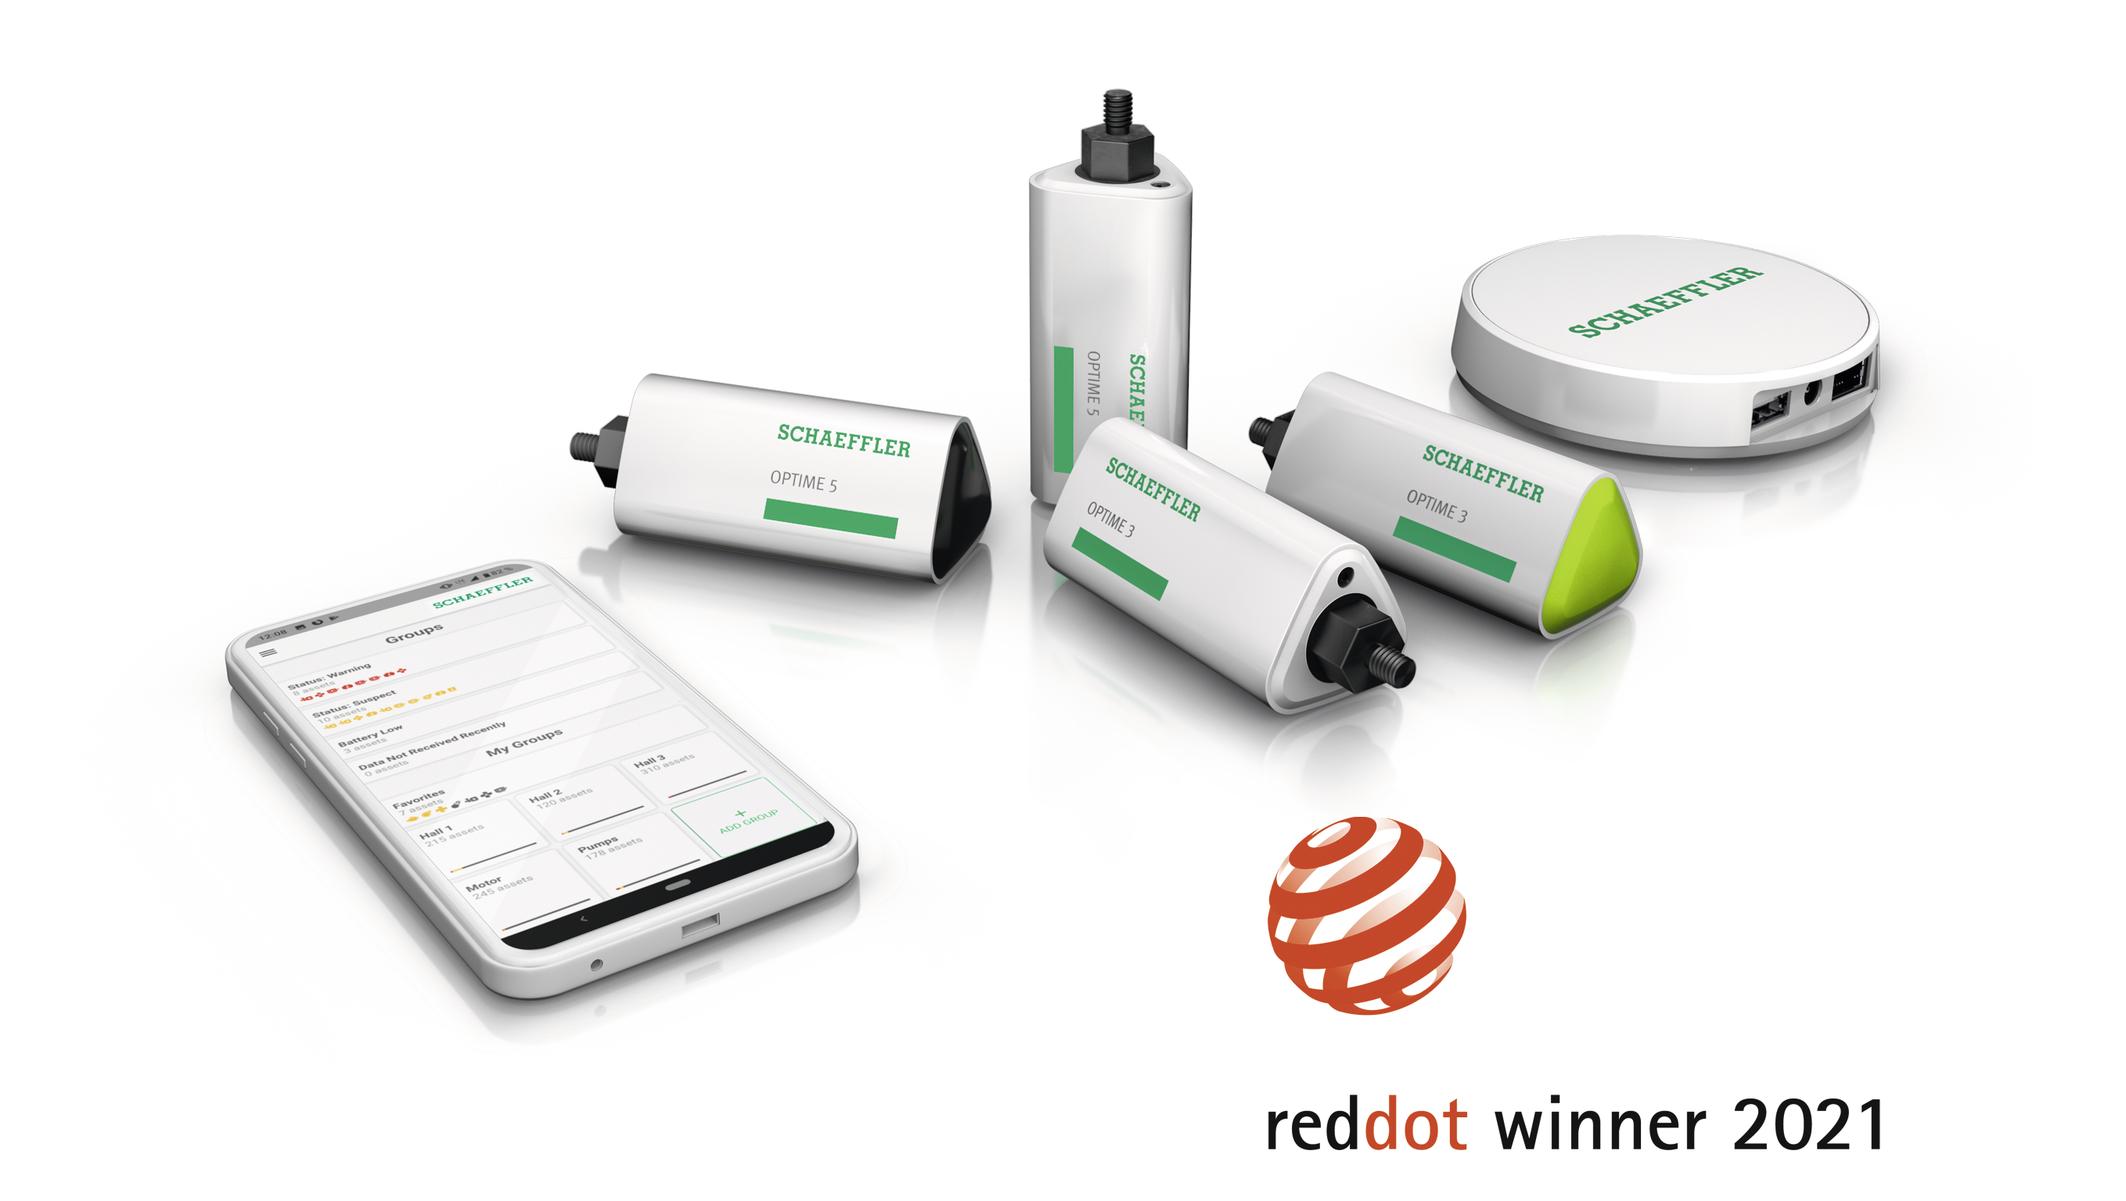 Optime gewinnt Red Dot Award